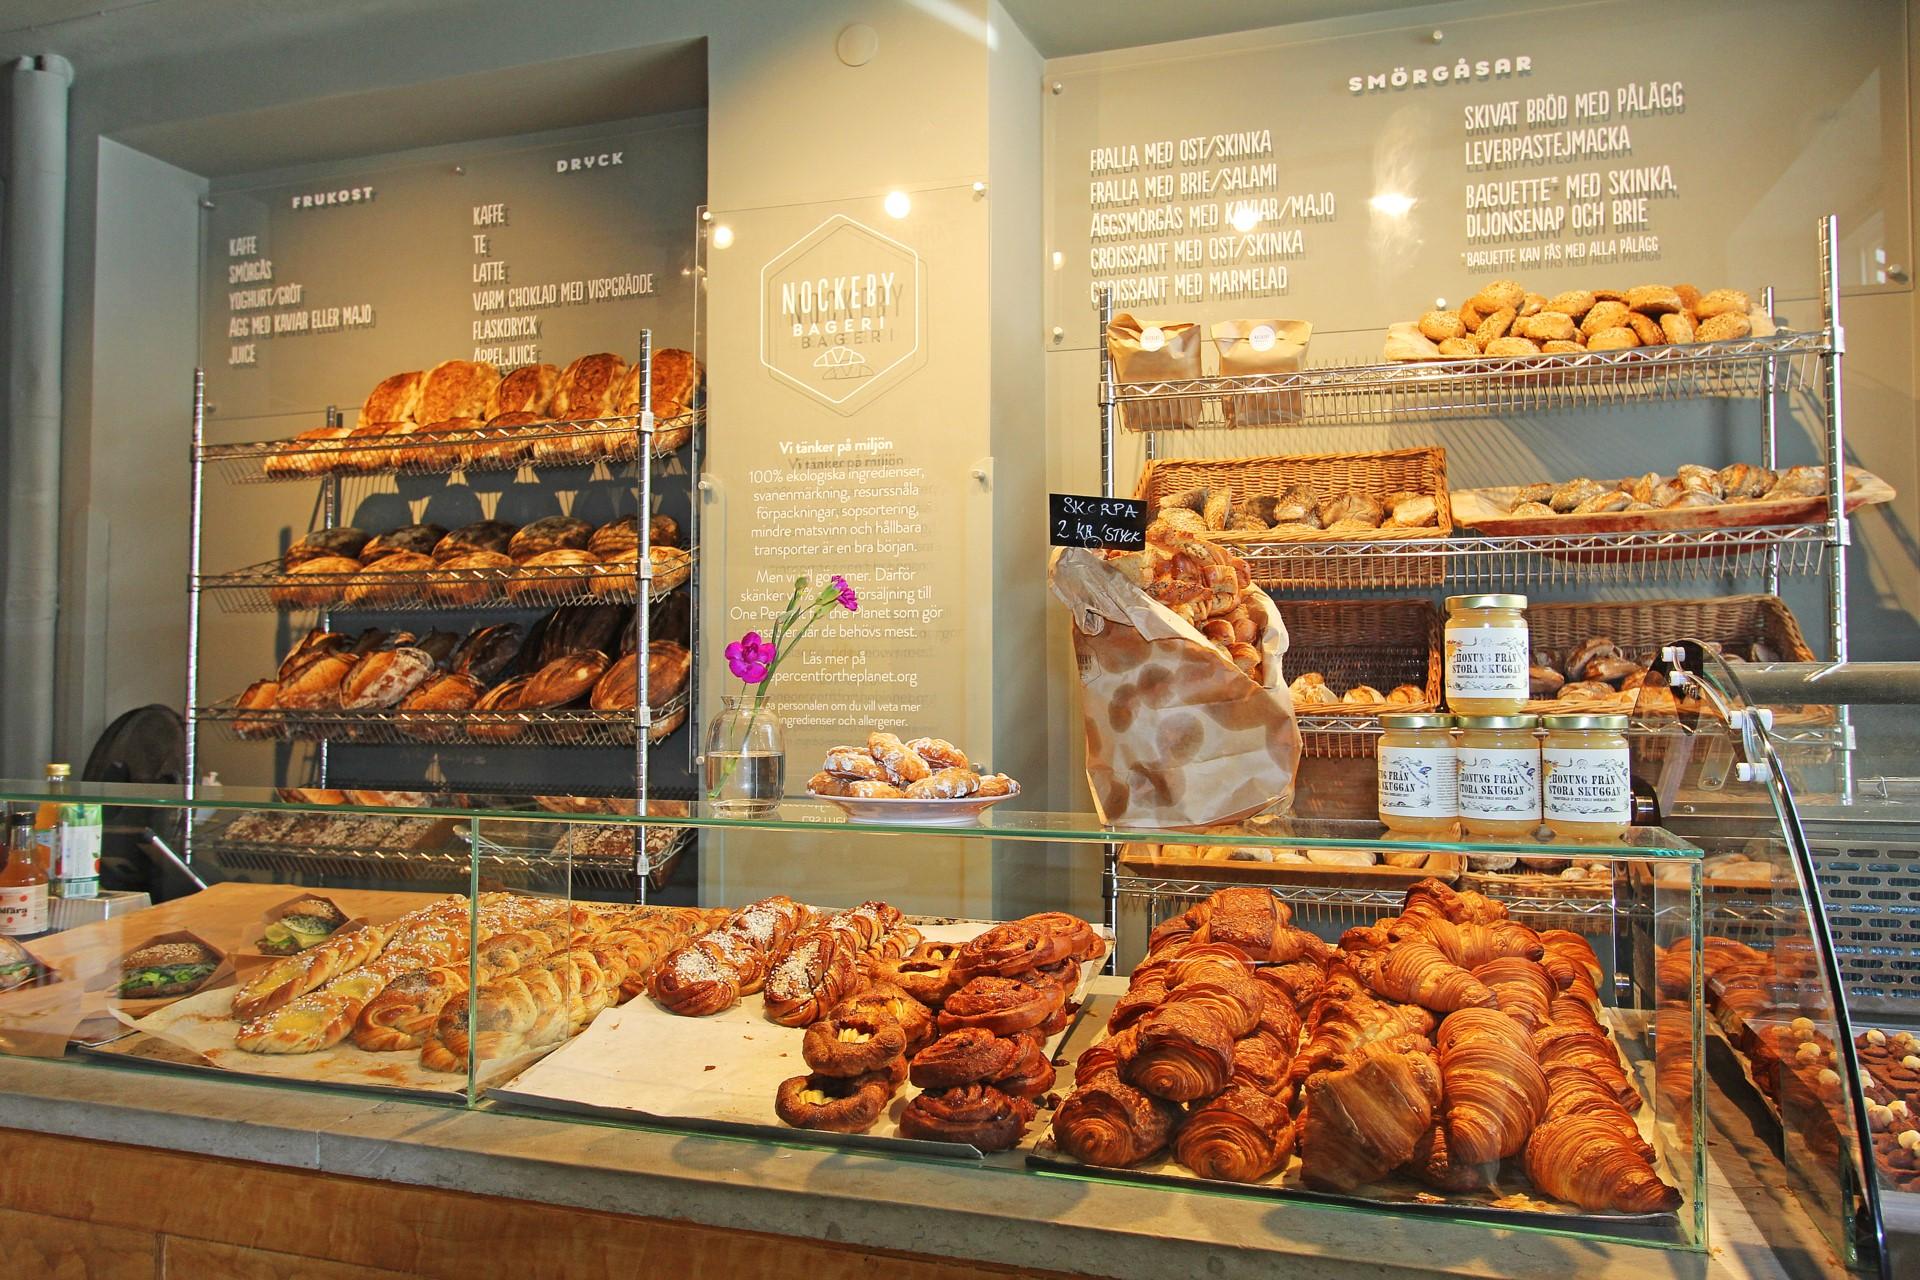 Mysigt fik och bageri på Nockeby Torg